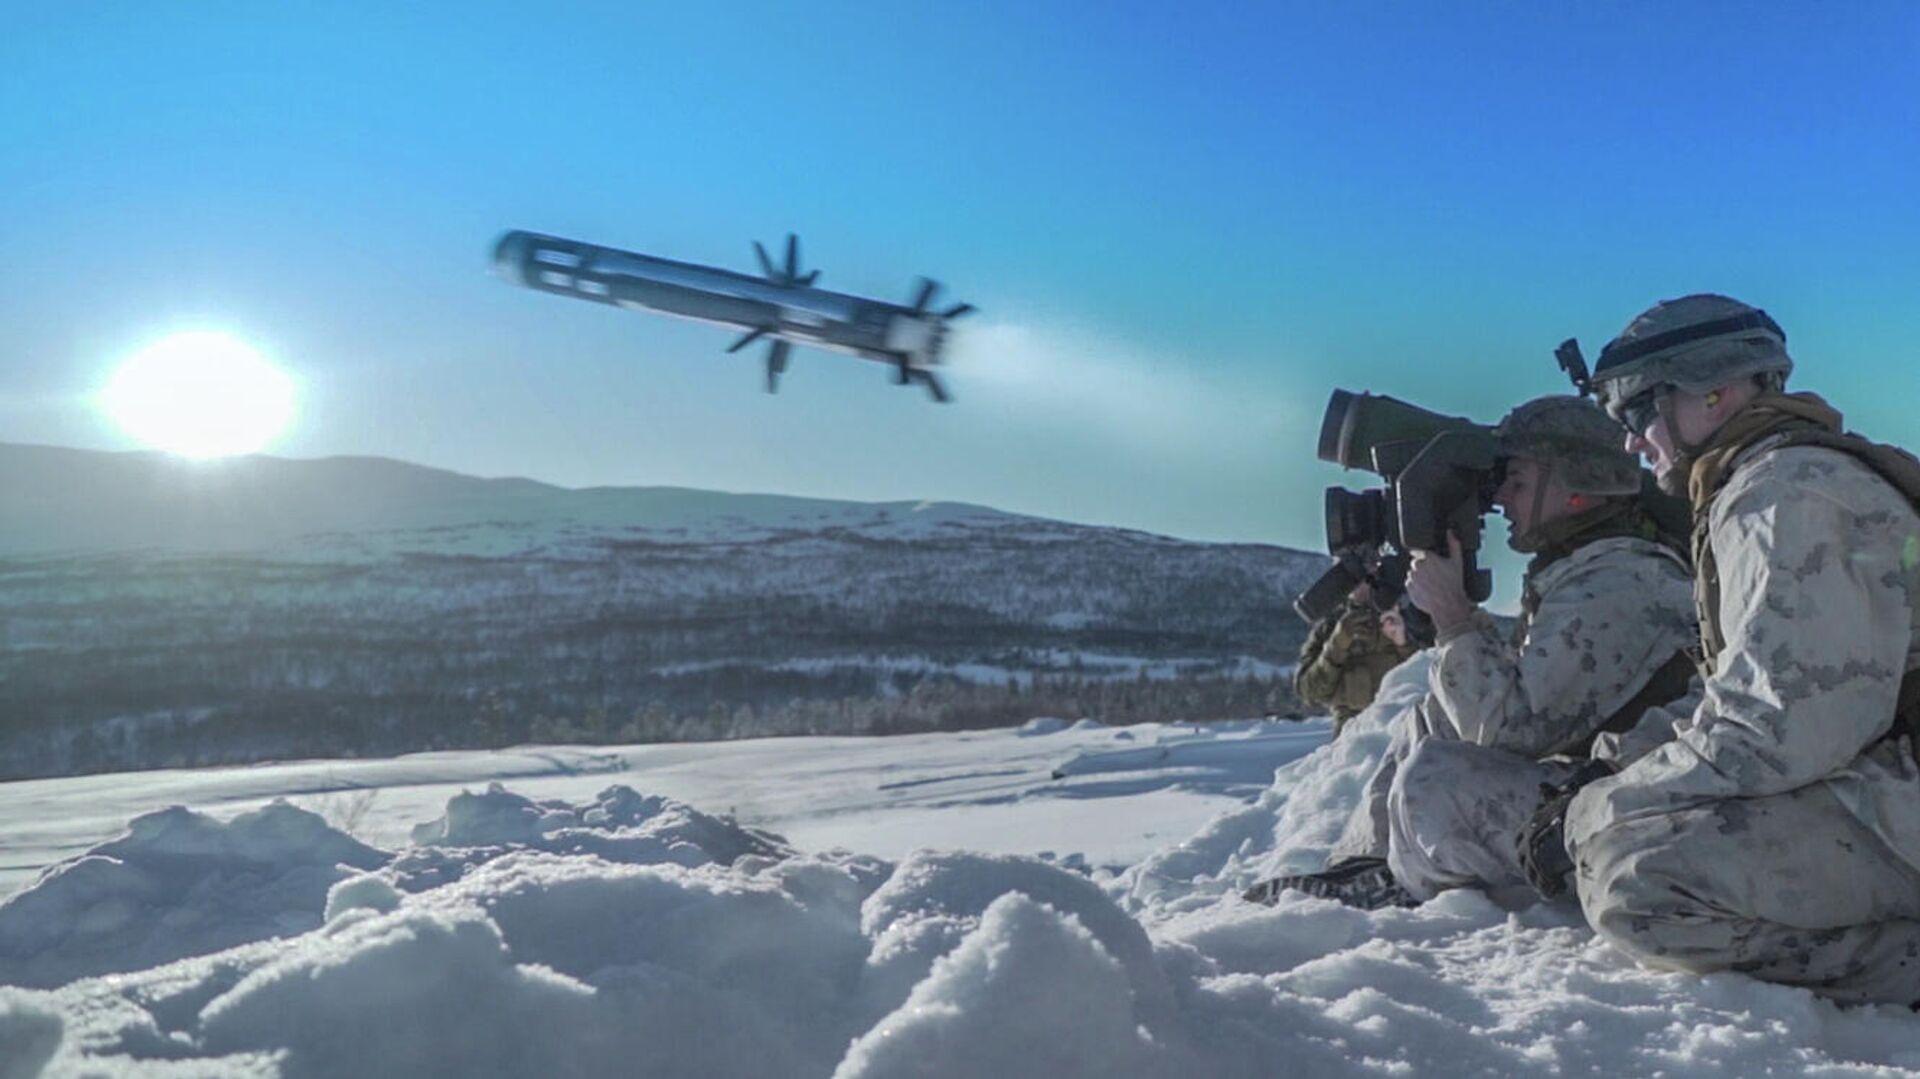 Американский военнослужащий производит выстрел из противотанкового ракетного комплекса (ПТРК) Javelin во время учений Cold Response 2020 в Норвегии - РИА Новости, 1920, 25.03.2021